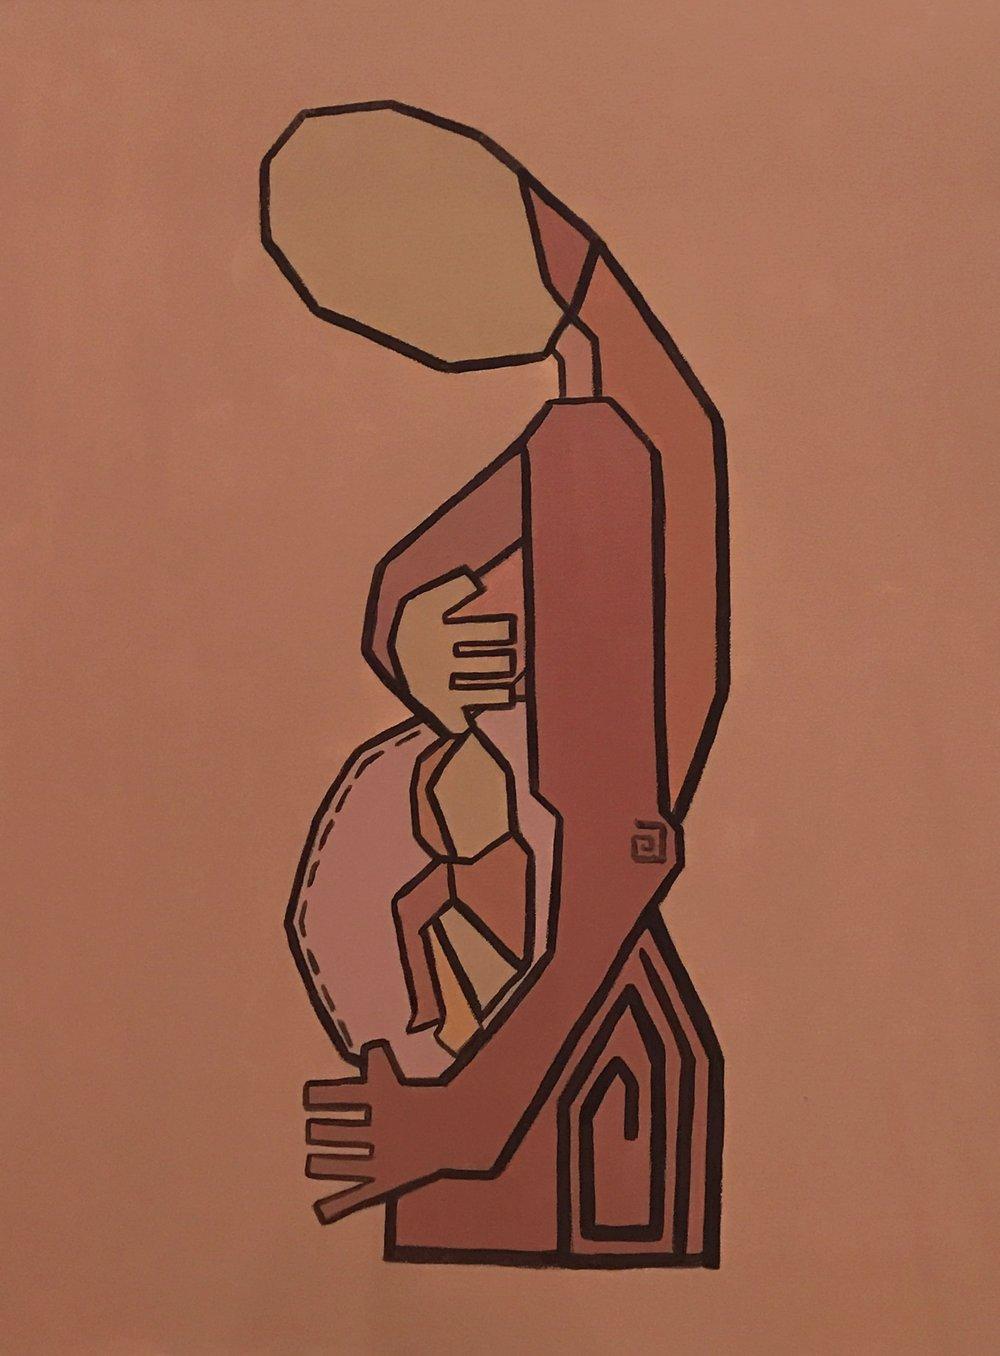 Motherhood III   Acrylic on canvas  80 cm x 60 cm x 3.8 cm